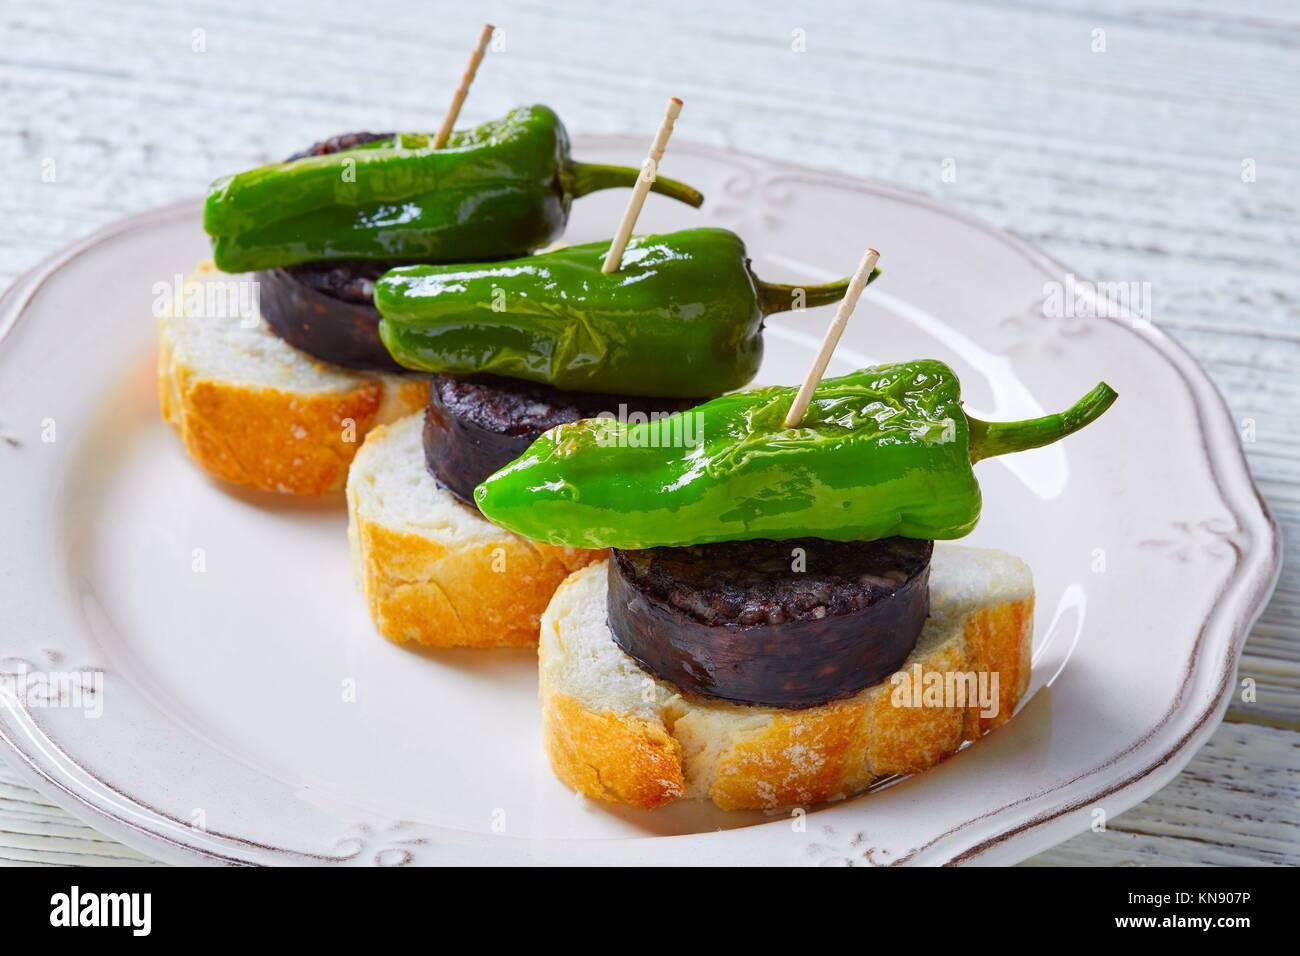 Pinchos Burgos morcilla mit padron Pfeffer tapas Pinchos aus Spanien essen. Stockbild